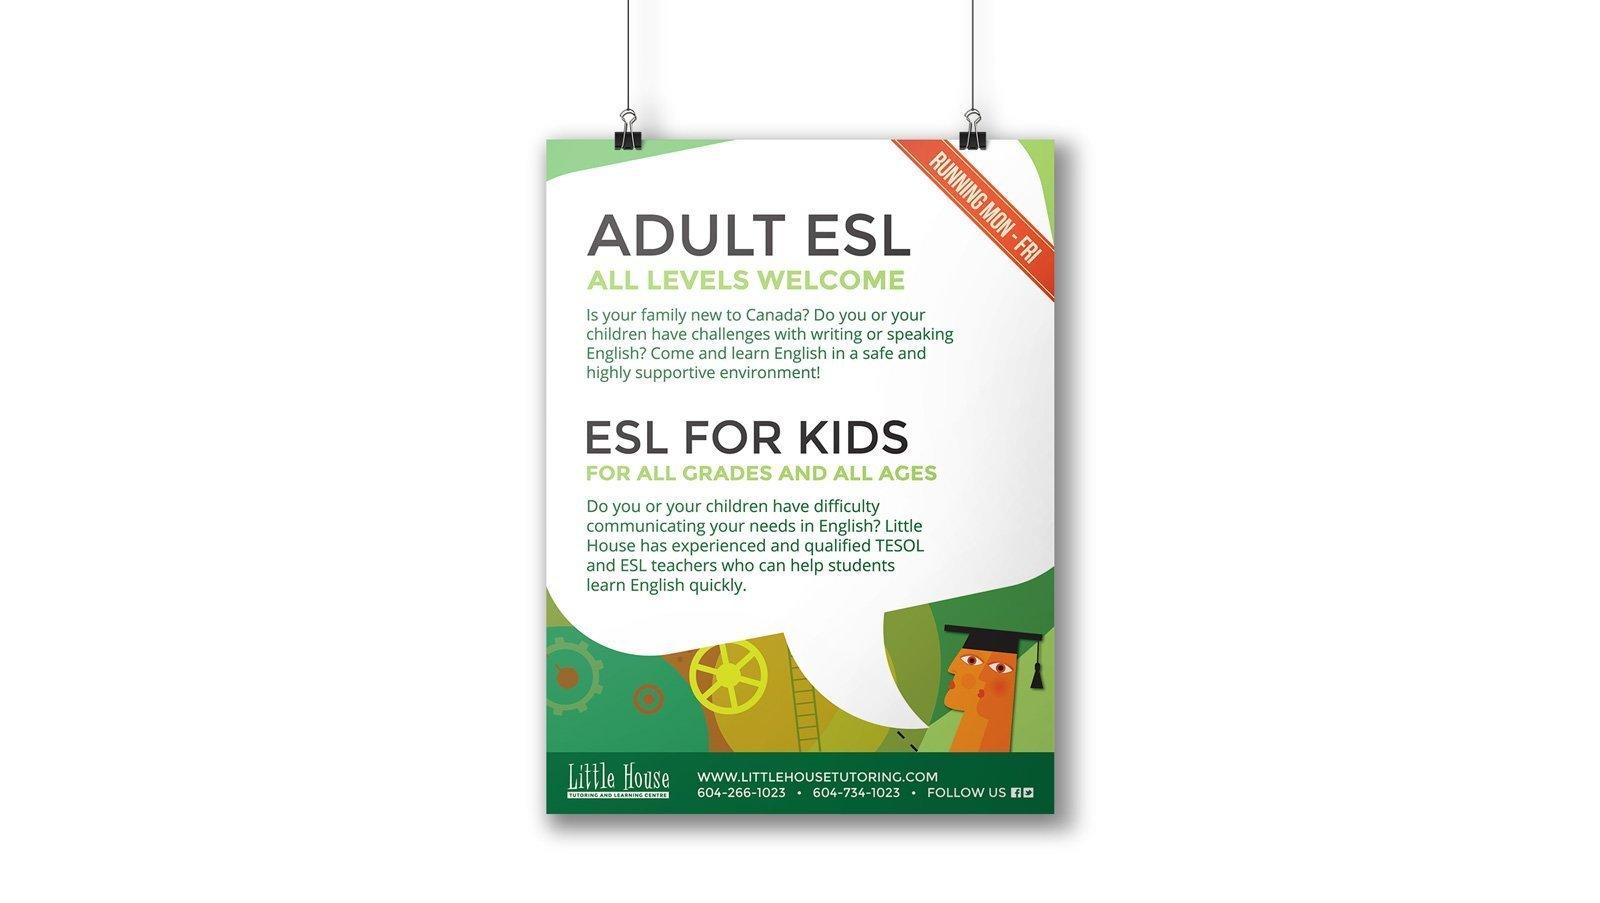 little house tutoring poster